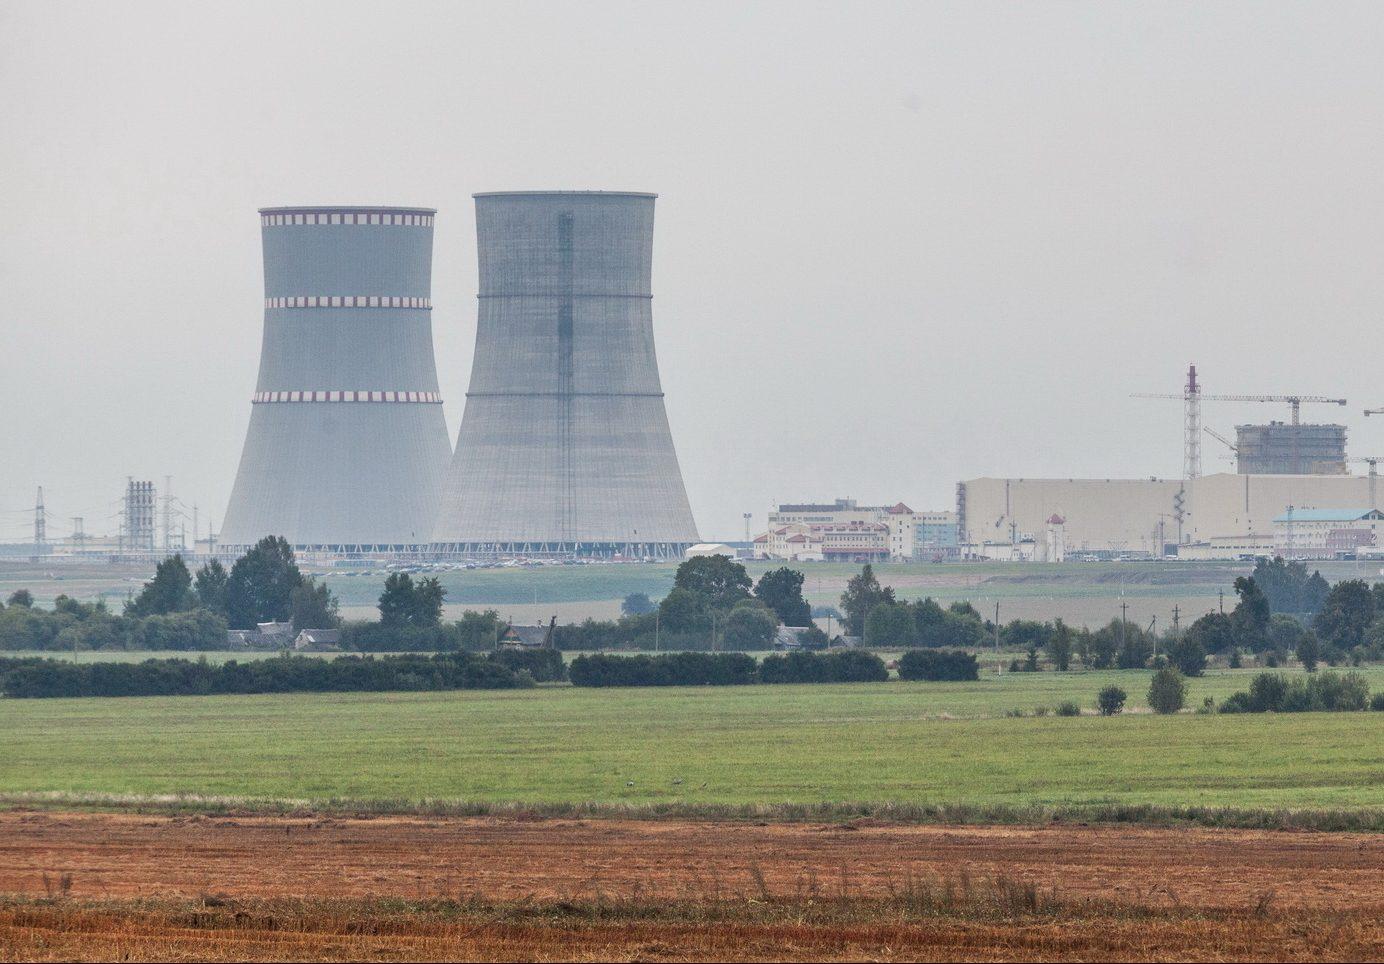 Шведские турбины обеспечат интеграцию БелАЭС в объединенную энергосистему Беларуси